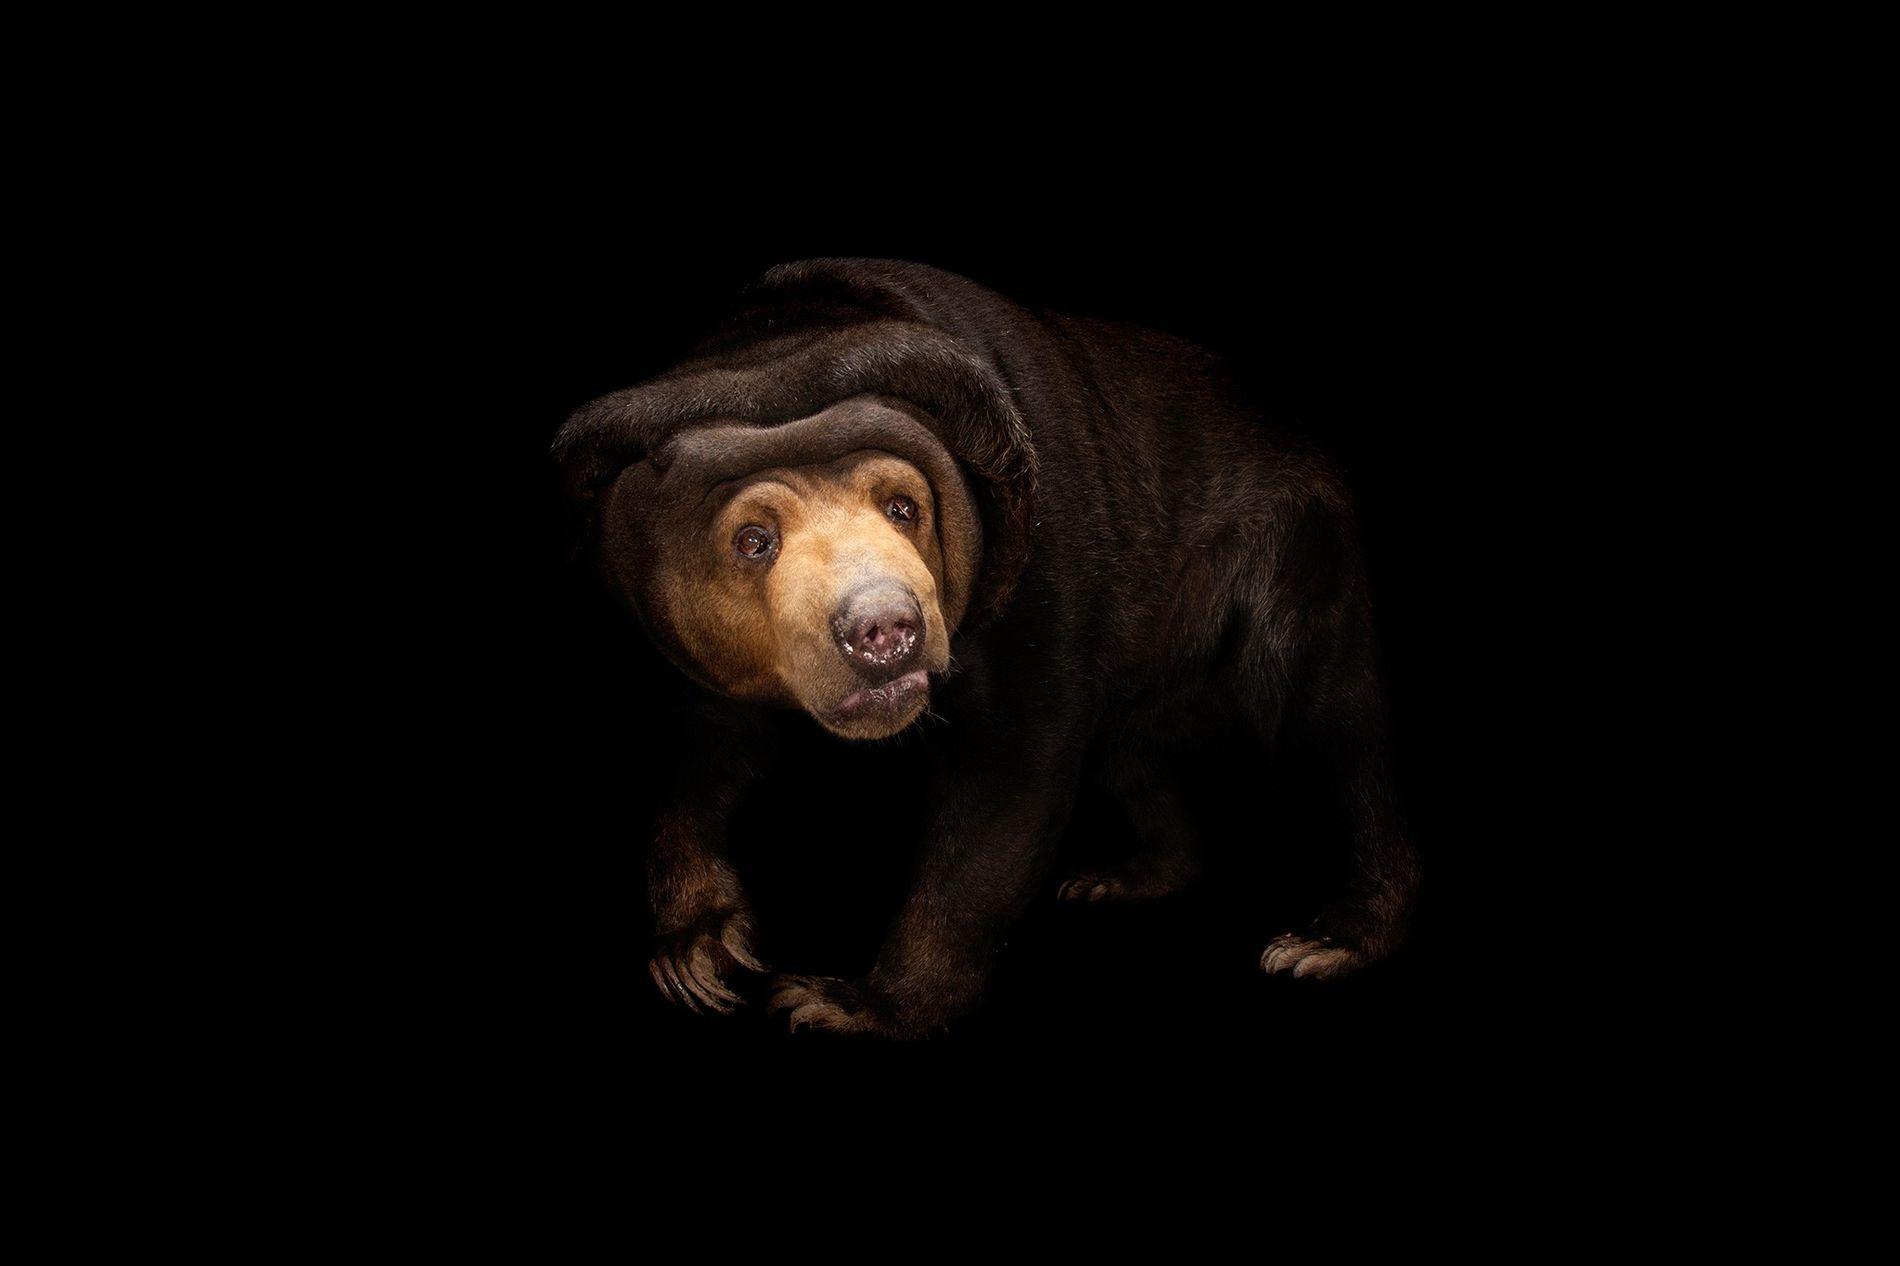 Malaienbären können die Gesichtsausdrücke ihrer Artgenossen exakt nachahmen – eine Fähigkeit, von der man dachte, sie würde sich auf Menschen und Gorillas beschränken.